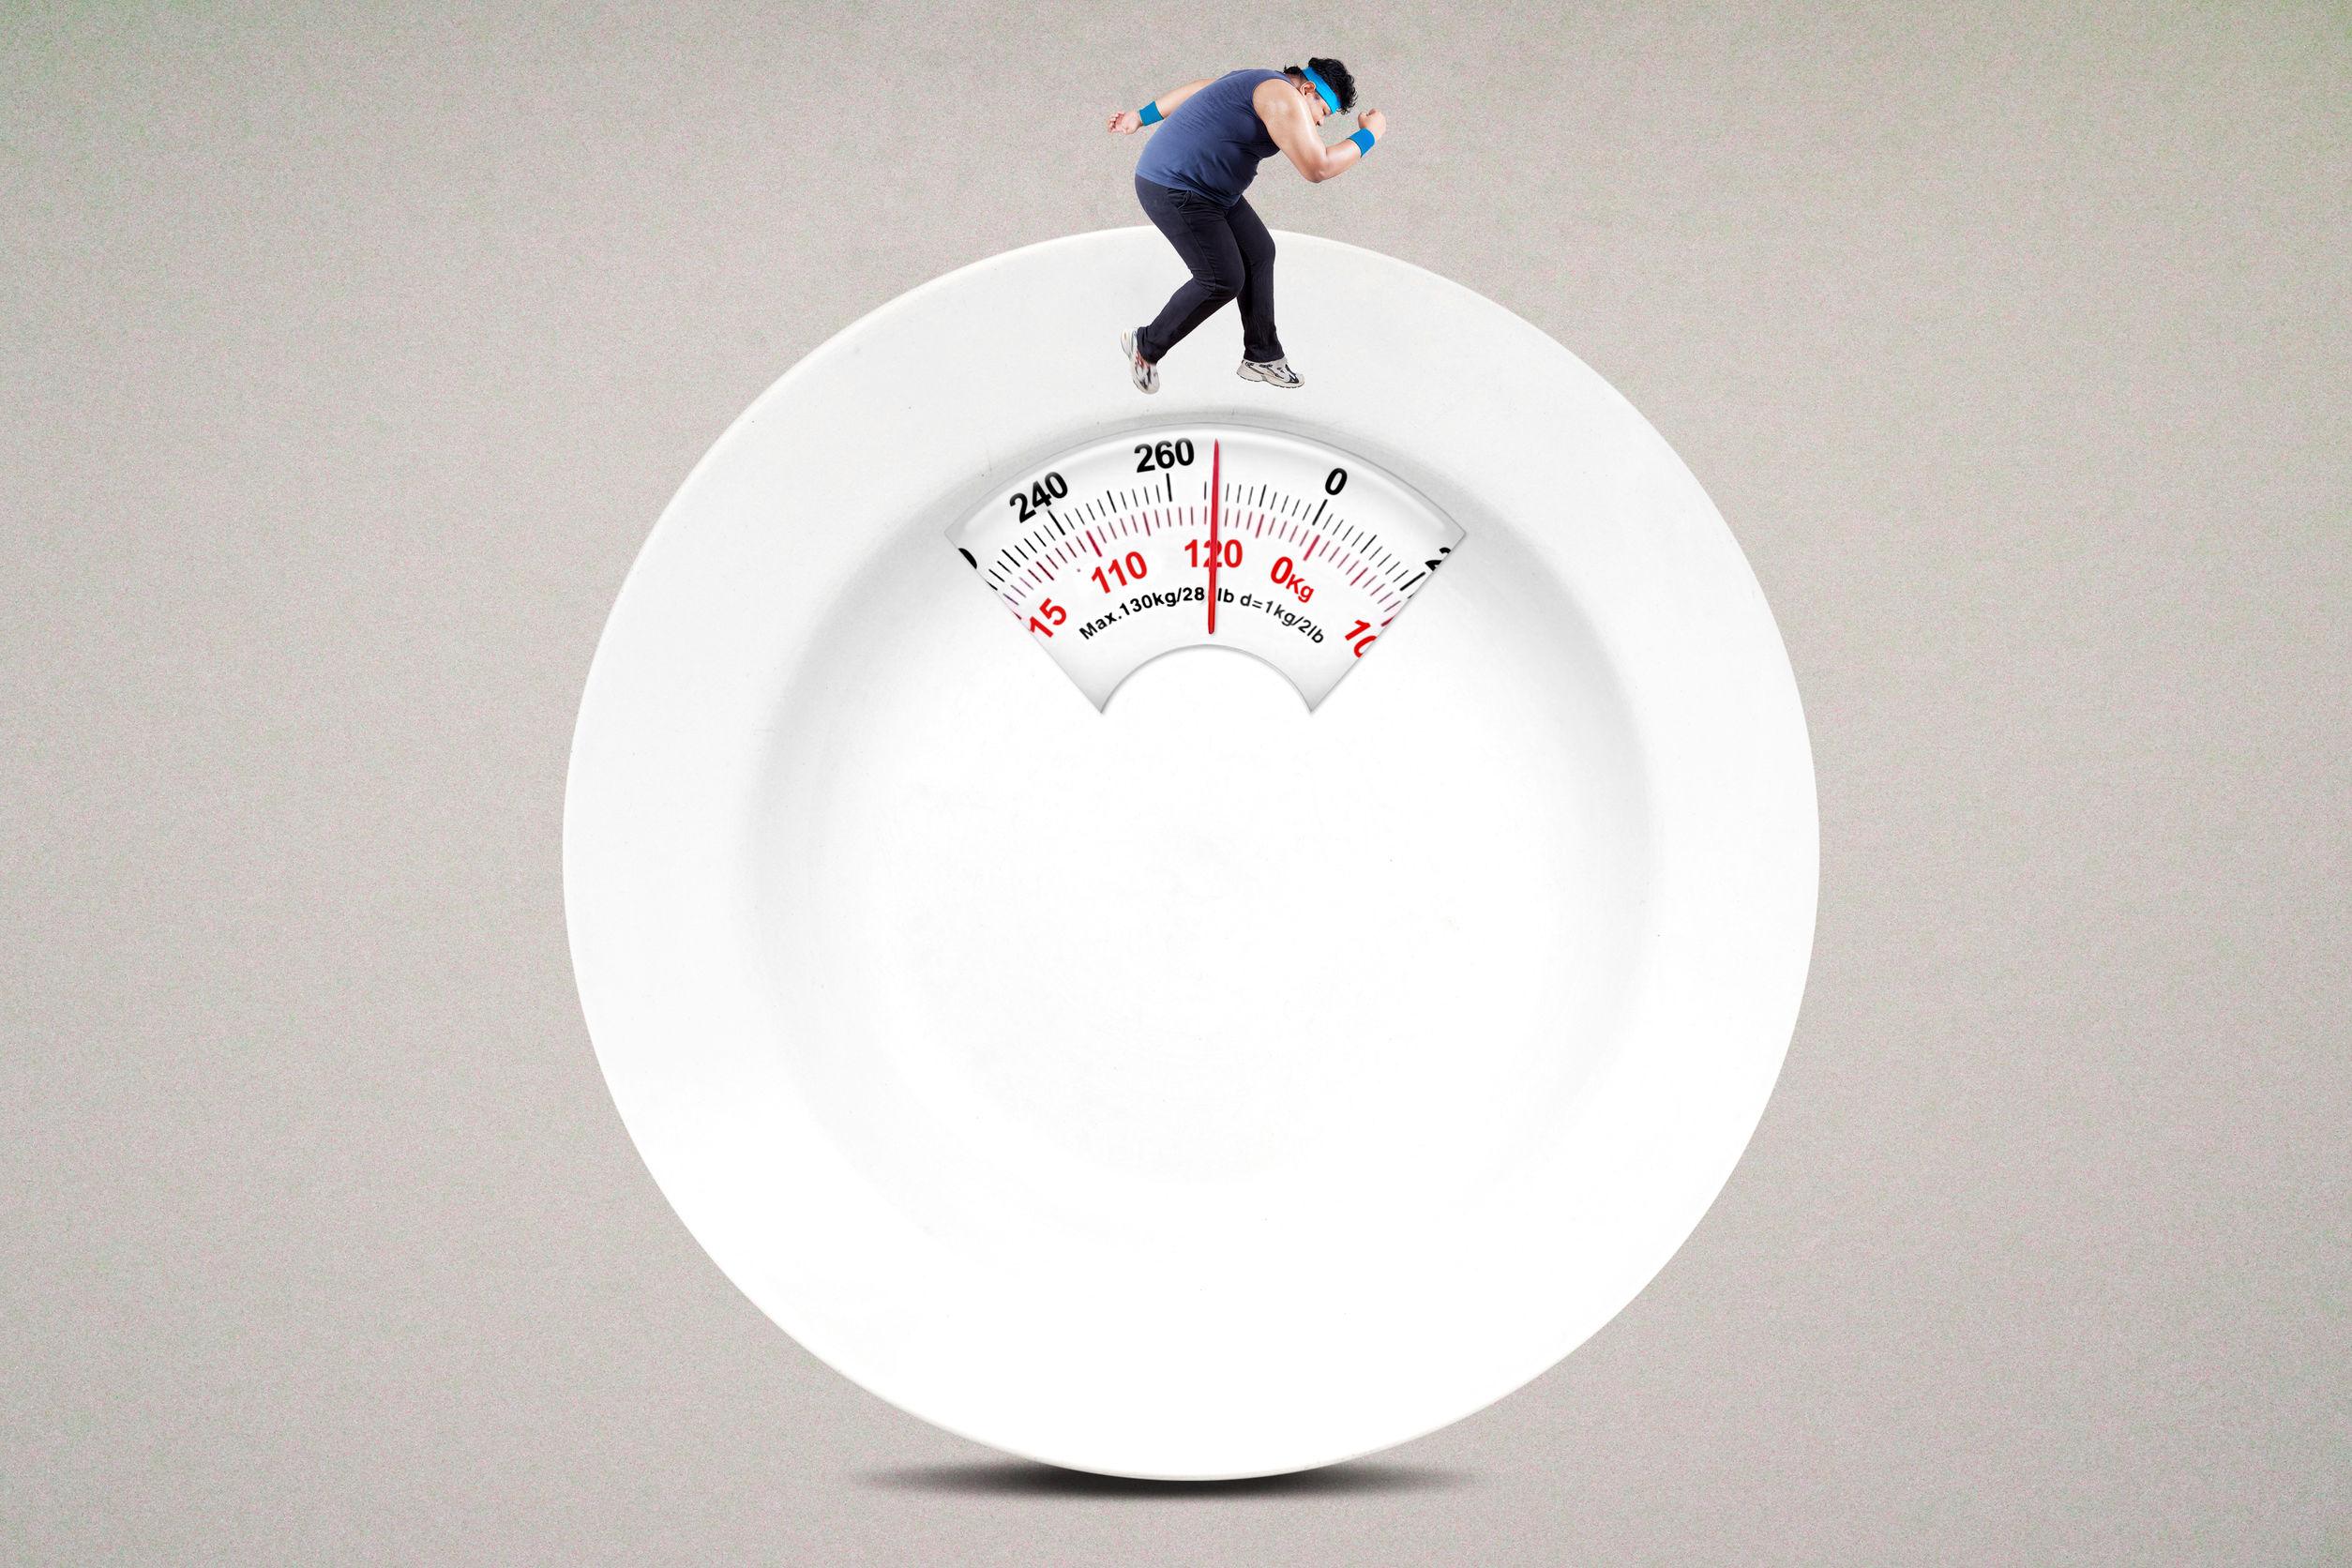 8時間ダイエット実践理由